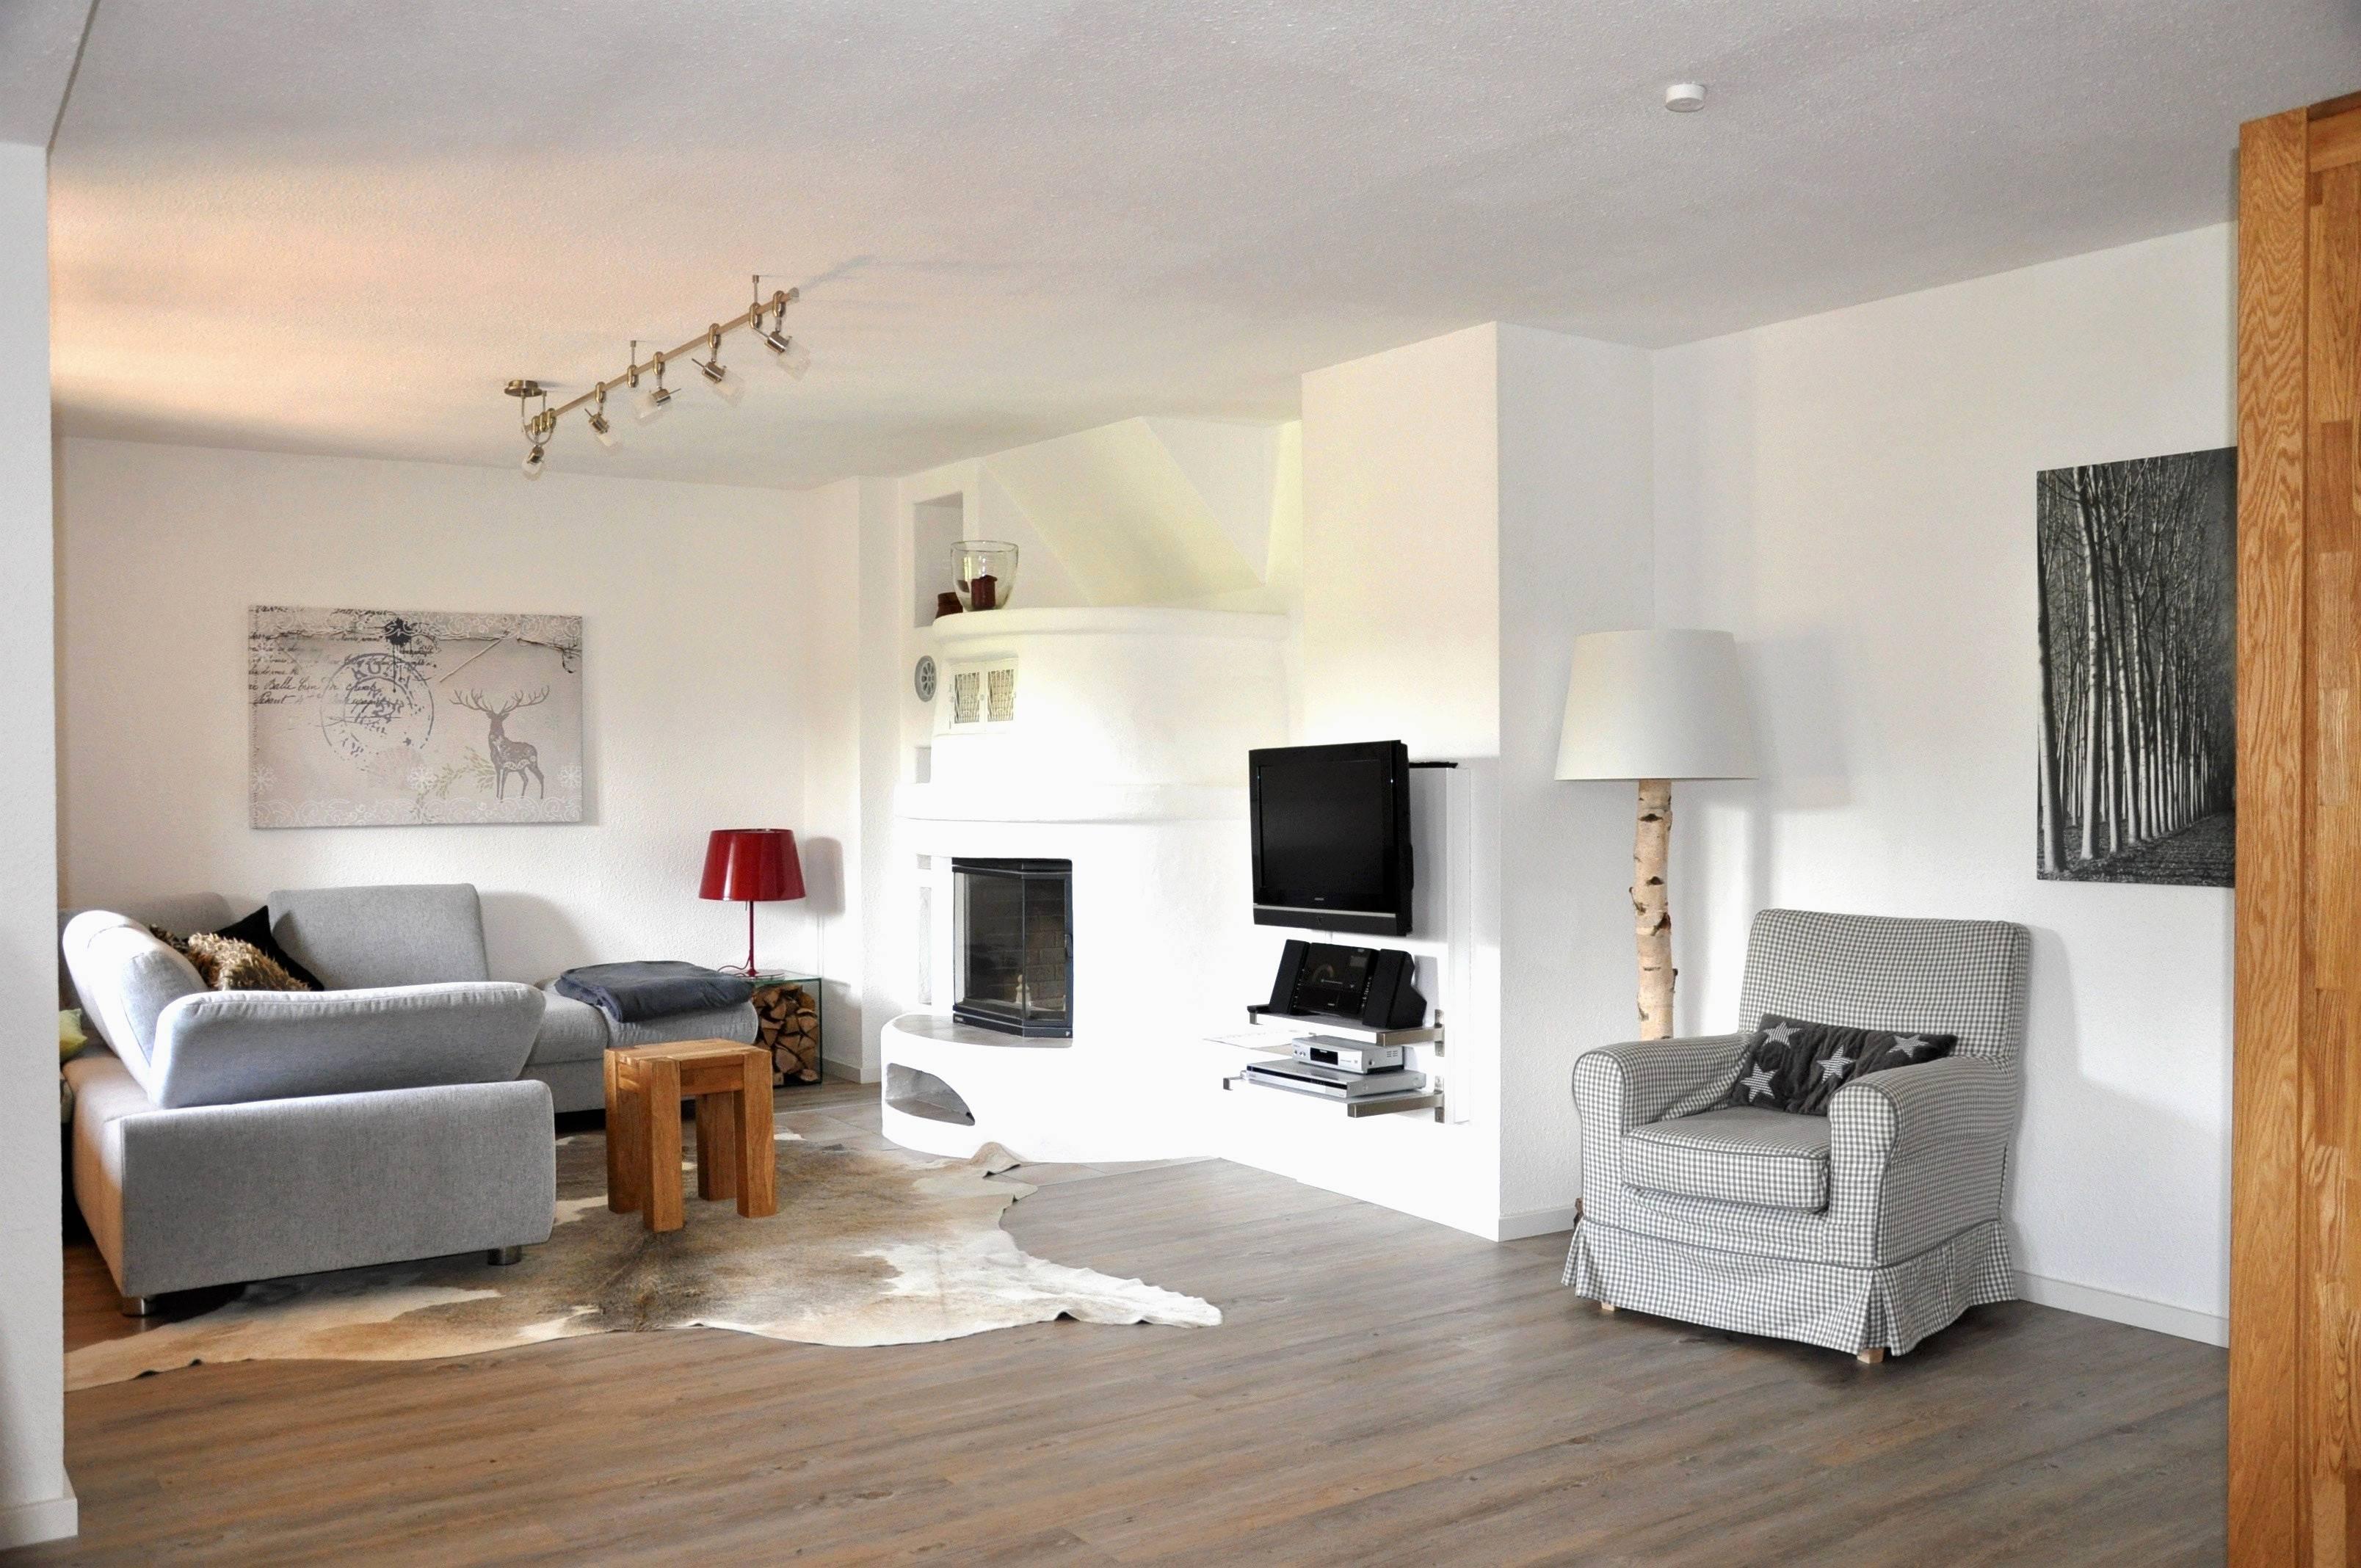 peinture interieur maison moderne inspirant peinture de salon elegant deco maison design best mezzanine salon 0d des images de peinture interieur maison moderne